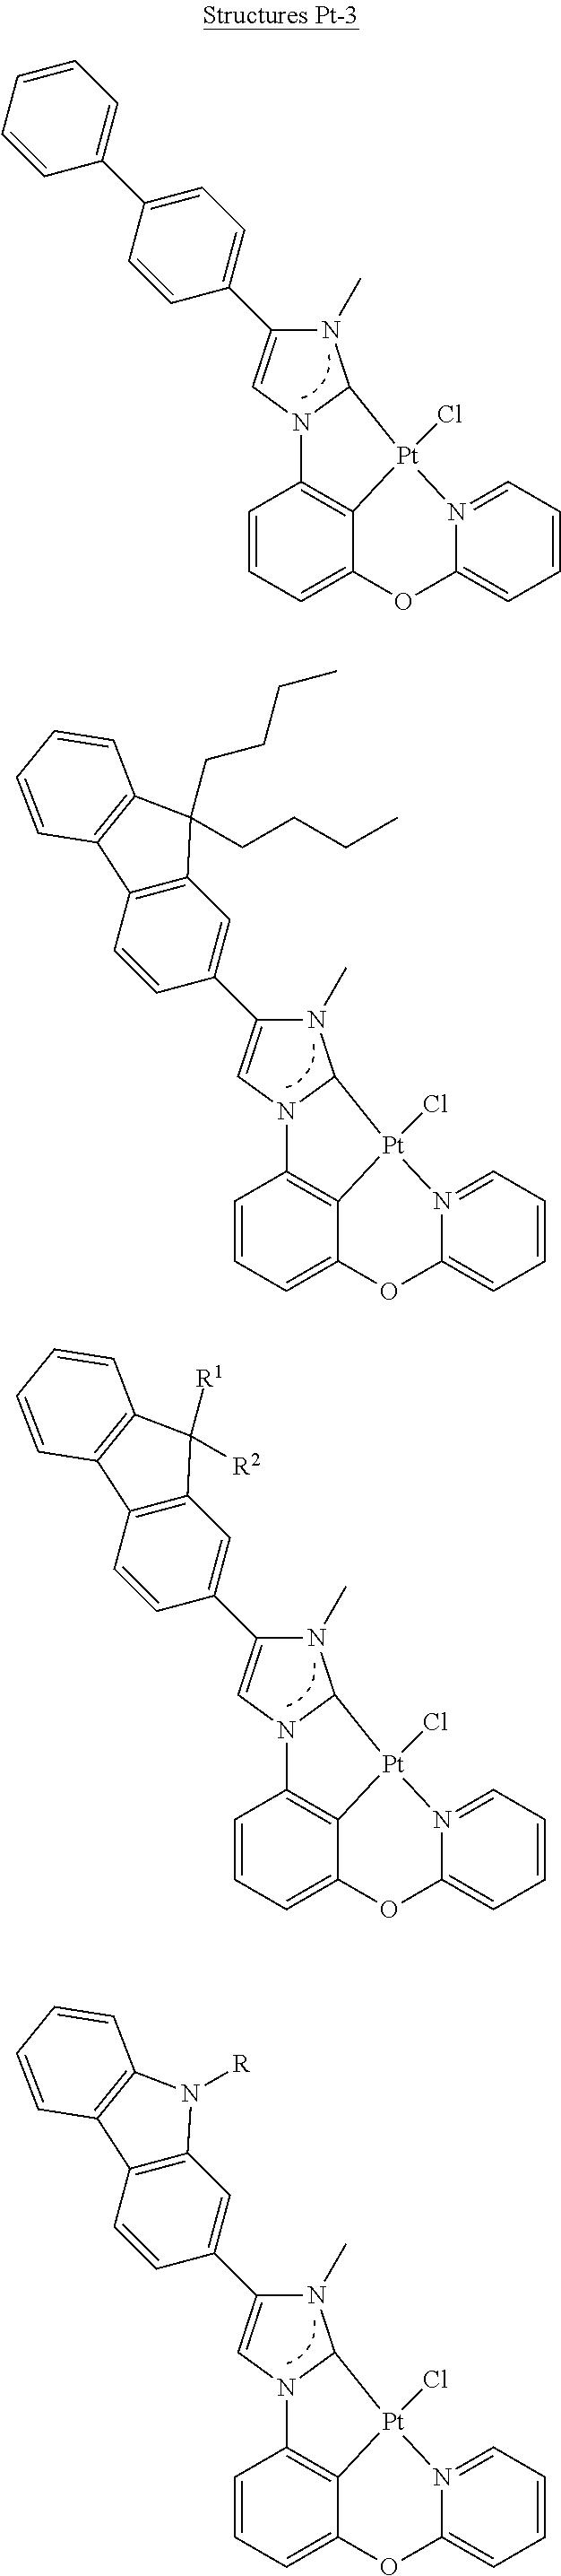 Figure US09818959-20171114-C00135